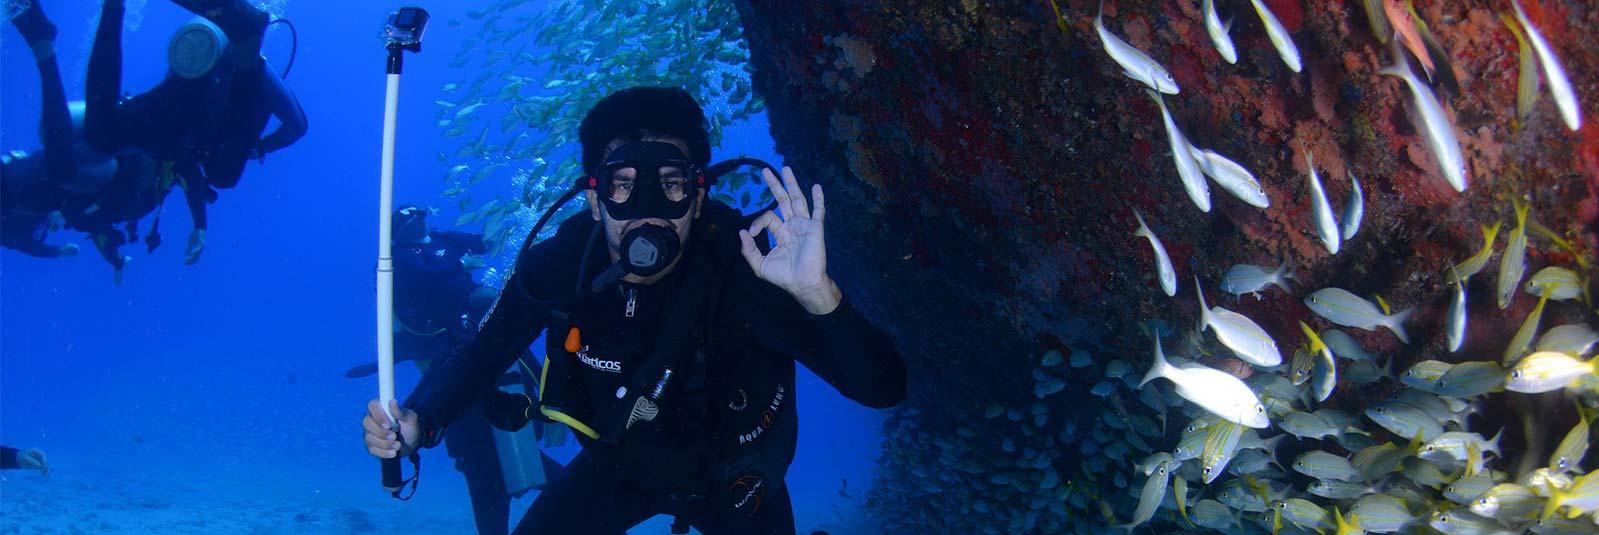 Scuba-Diving-Dubai-UAE